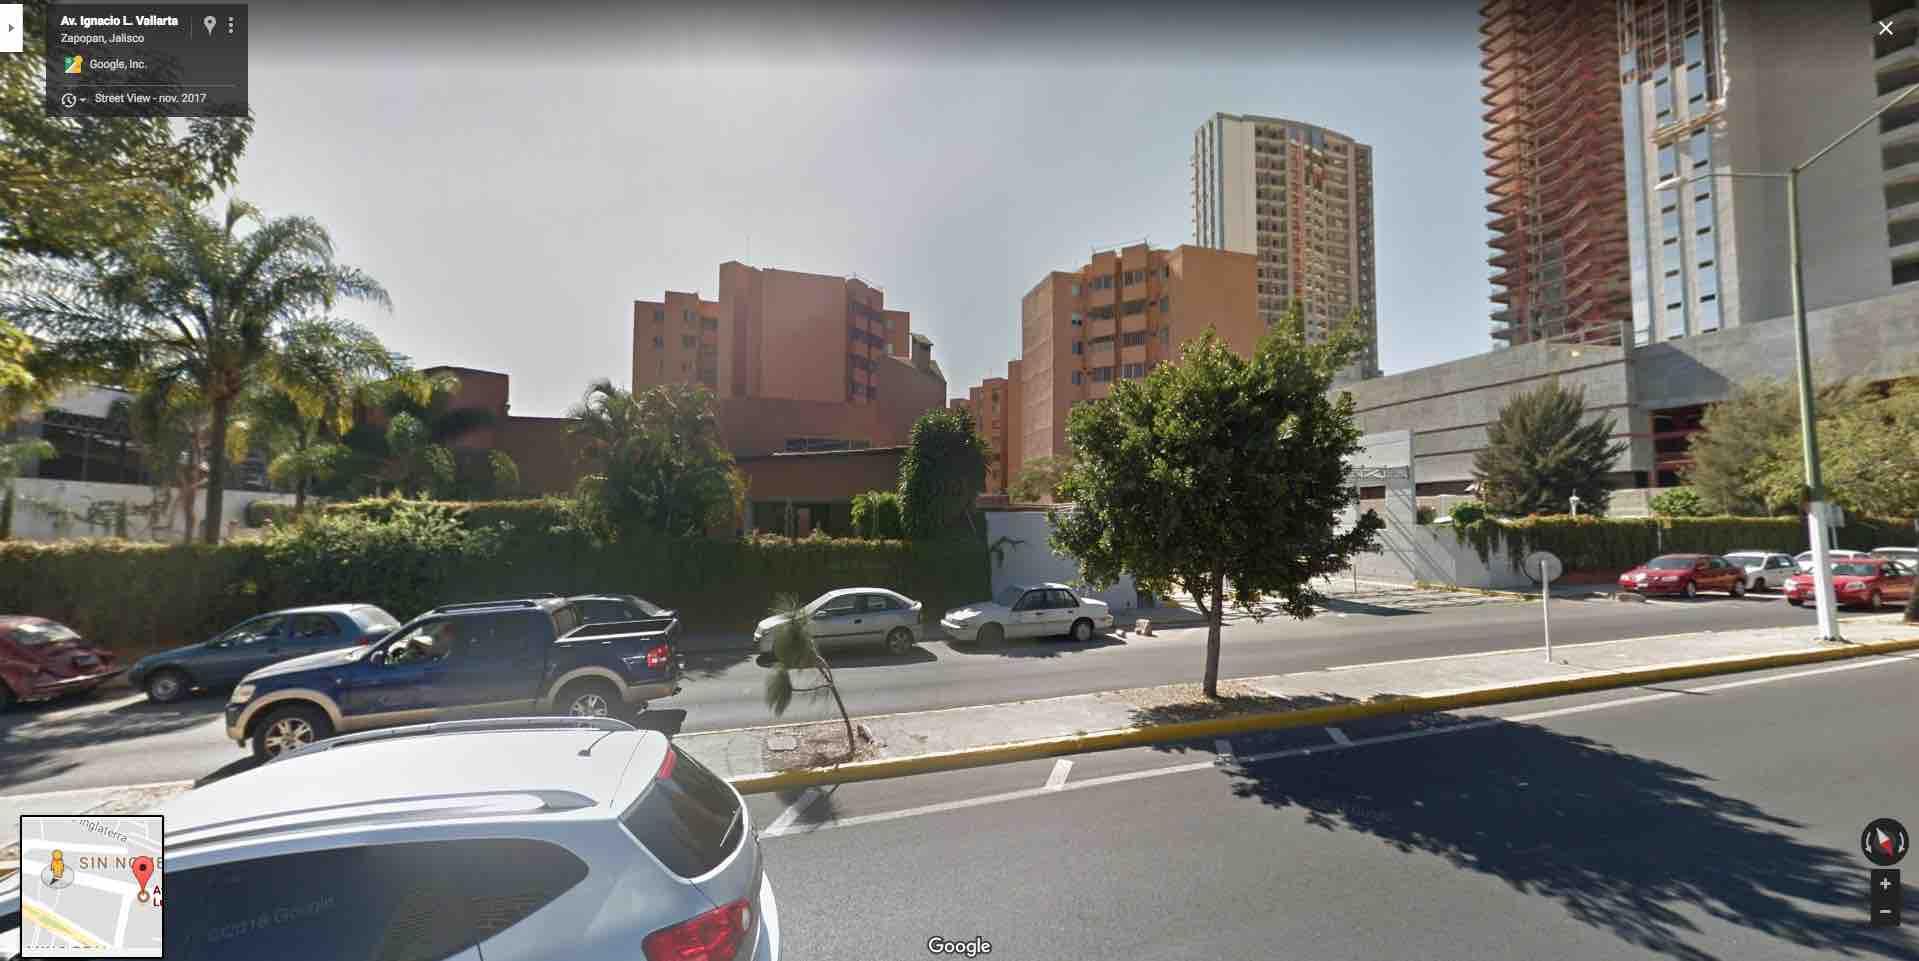 Av. Ignacio L. Vallarta 4307, Int. 10, Torre C; Zapopan, Jal. C.P. 45049